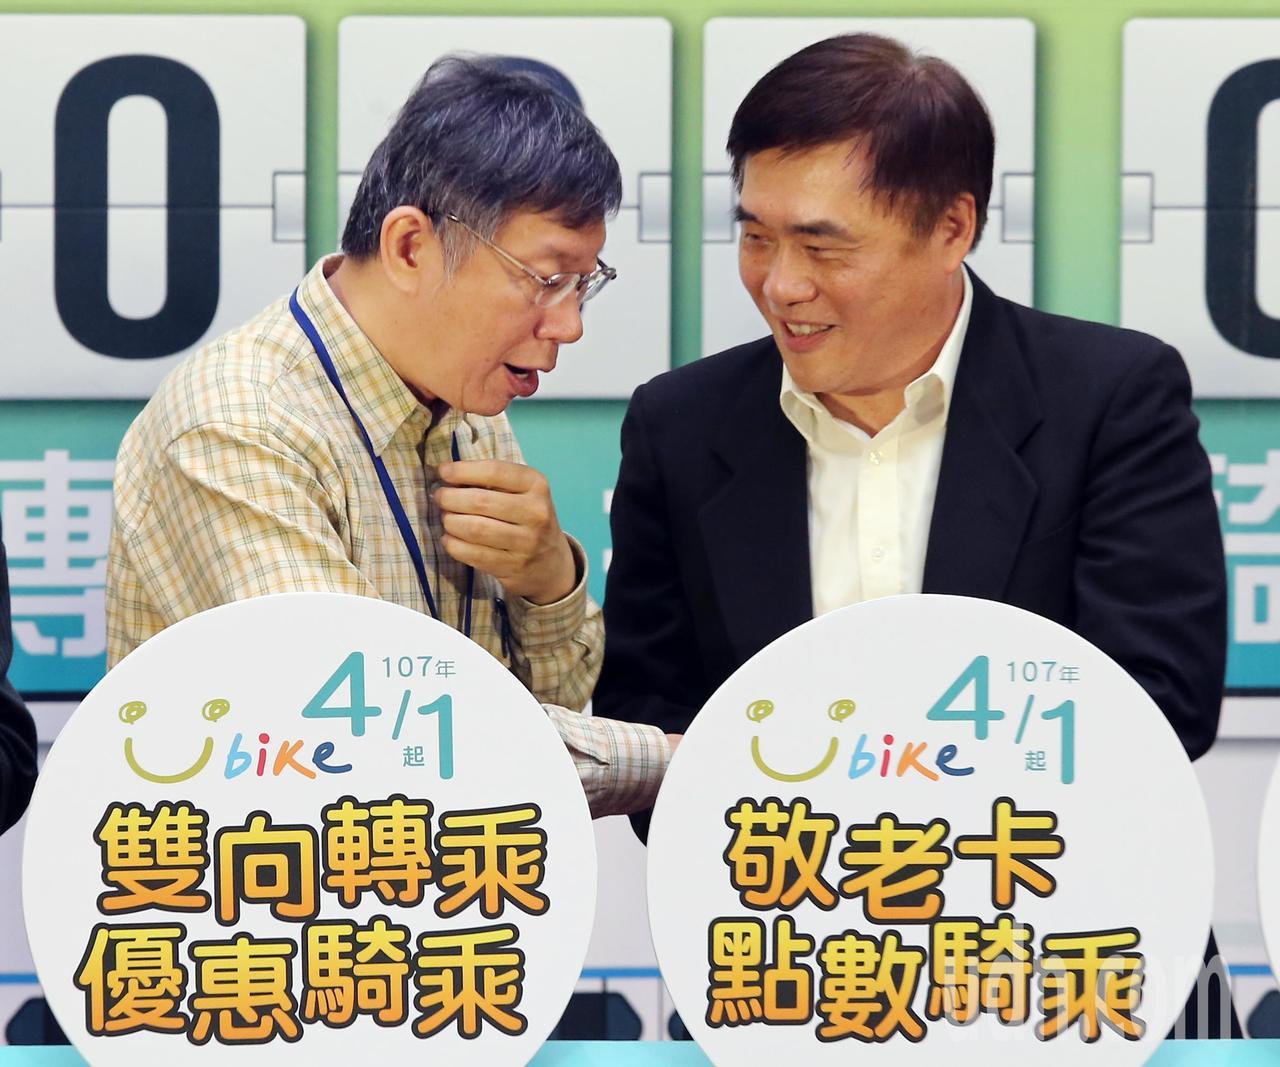 臺北市長柯文哲(左)與前市長郝龍斌(右)上午出席「敬老啟程、幸福轉乘」記者會時握...